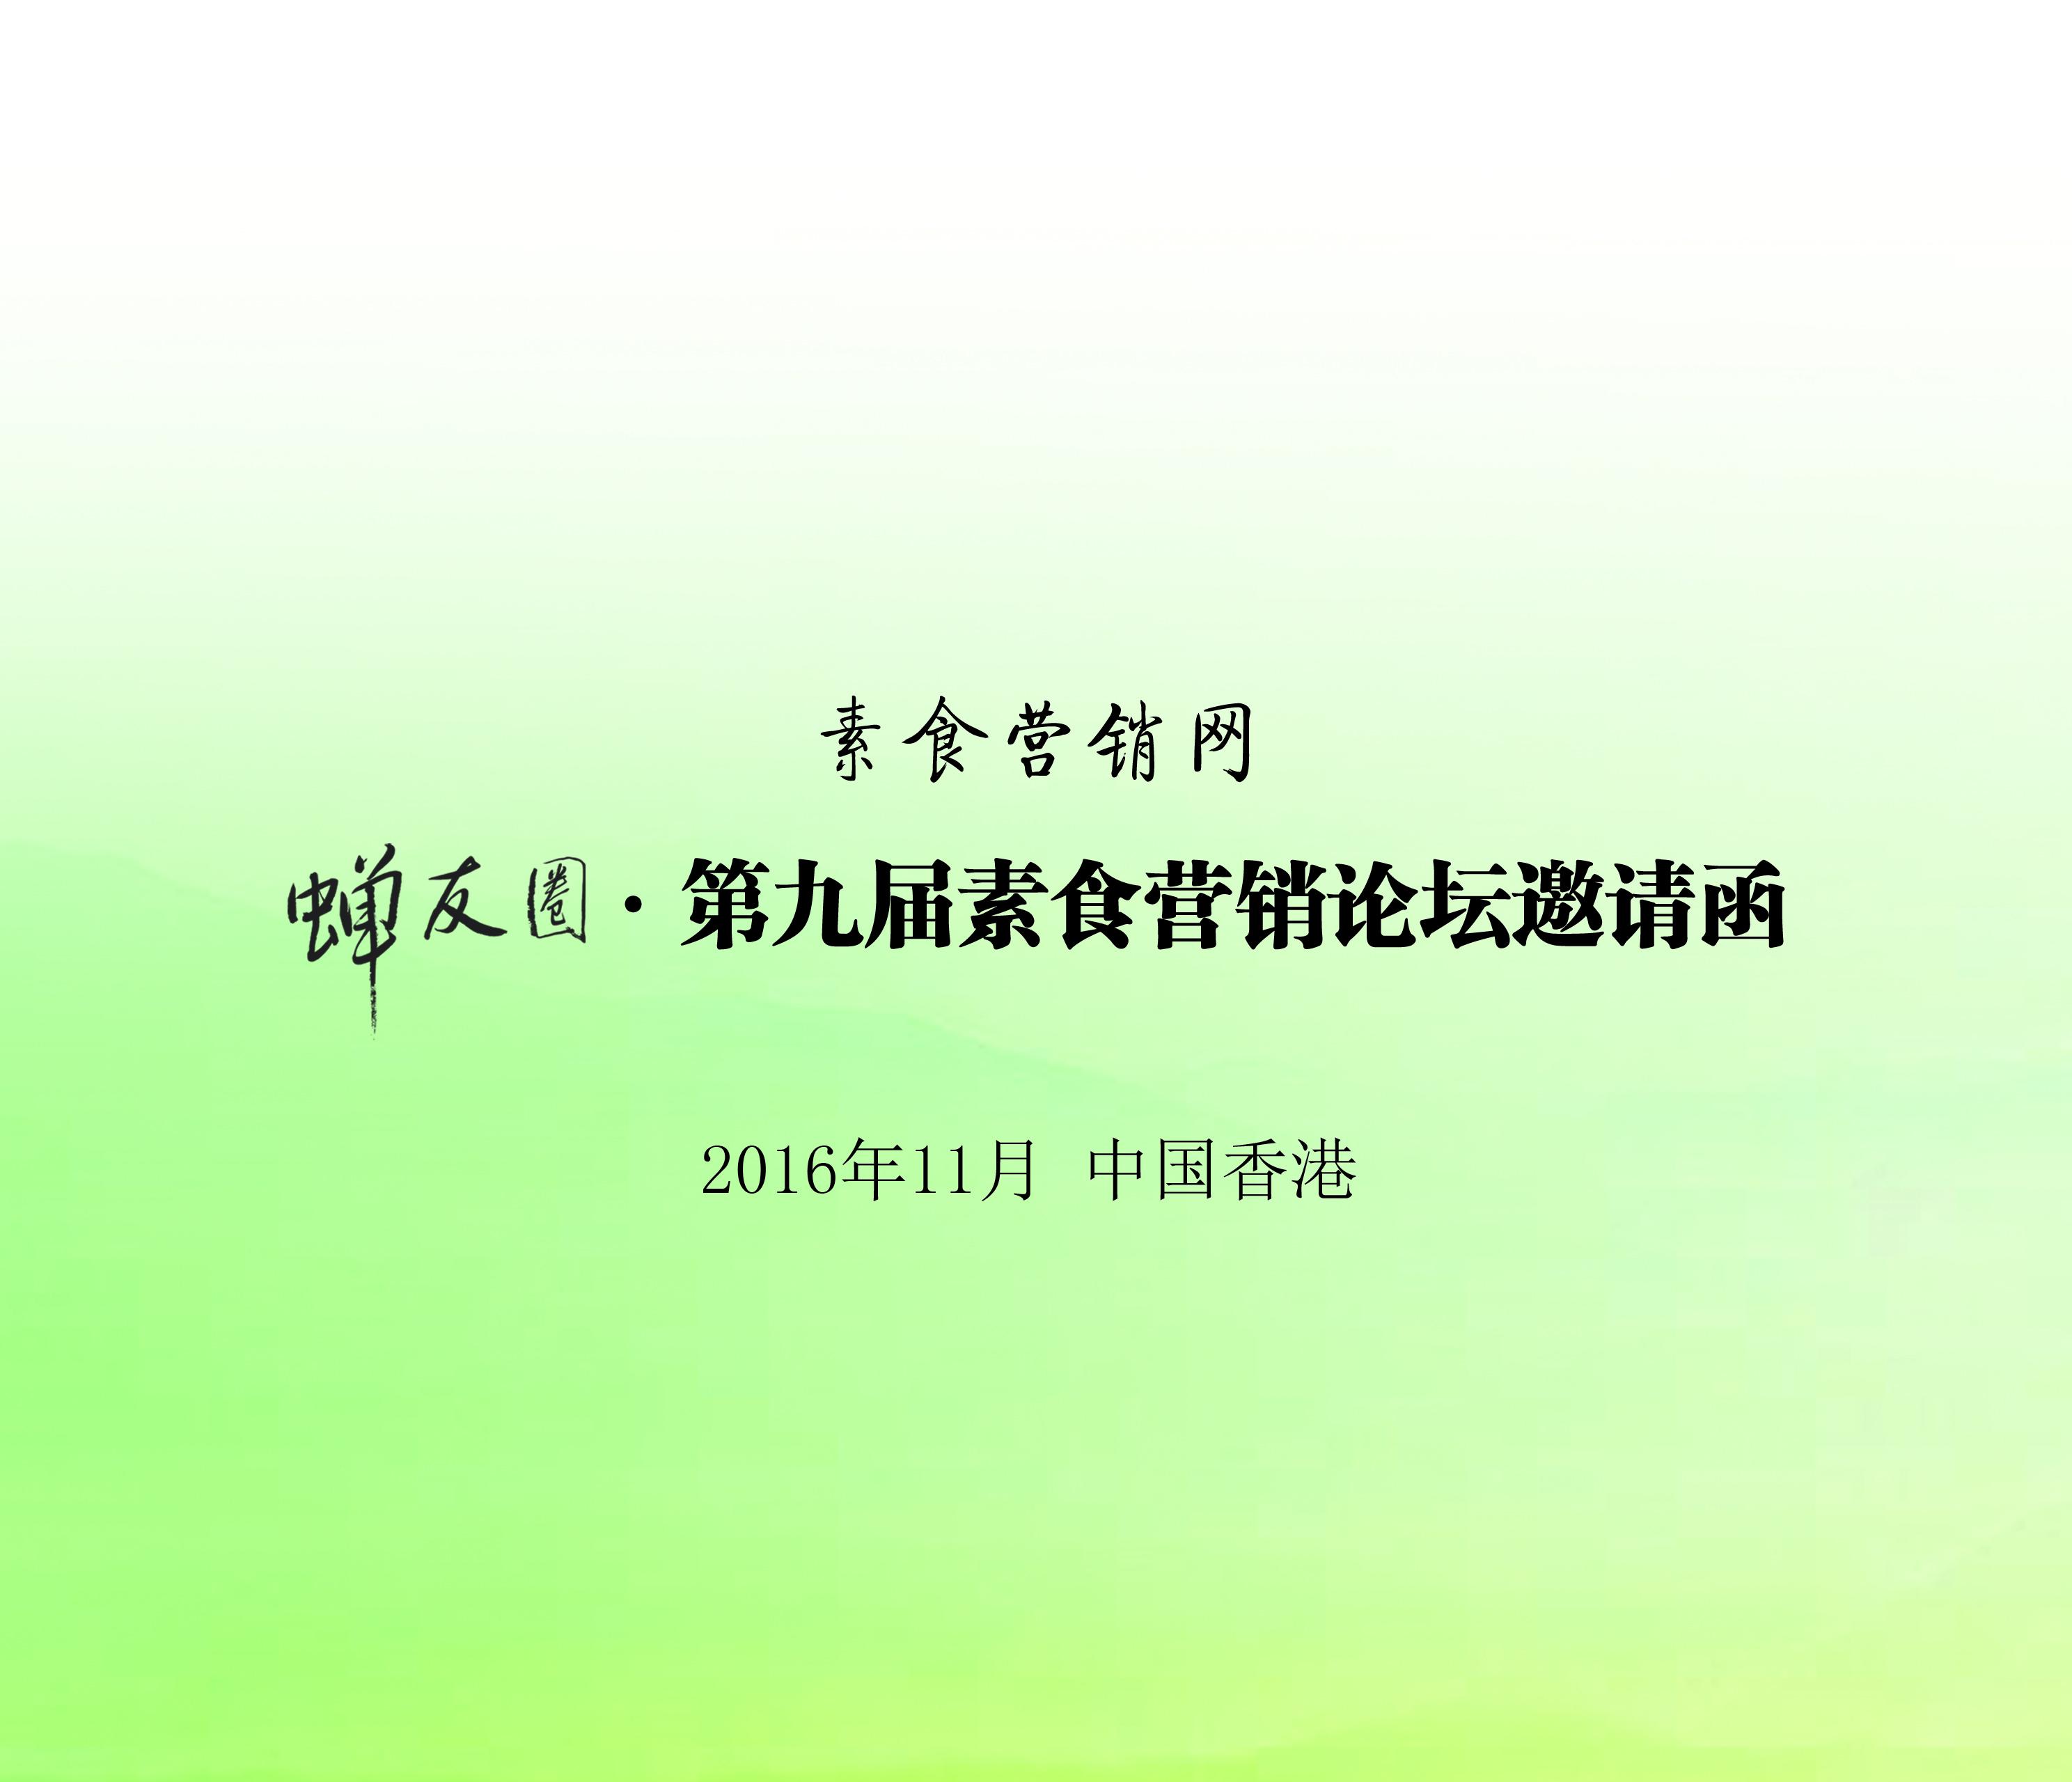 蝉友圈2016第九届素食营销论坛邀请函